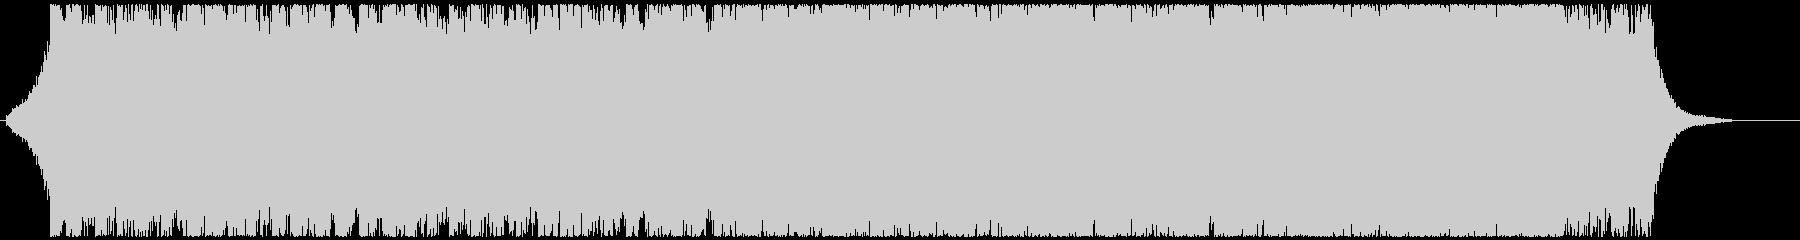 大軍勢VS大軍勢のファンタジーバトルの未再生の波形